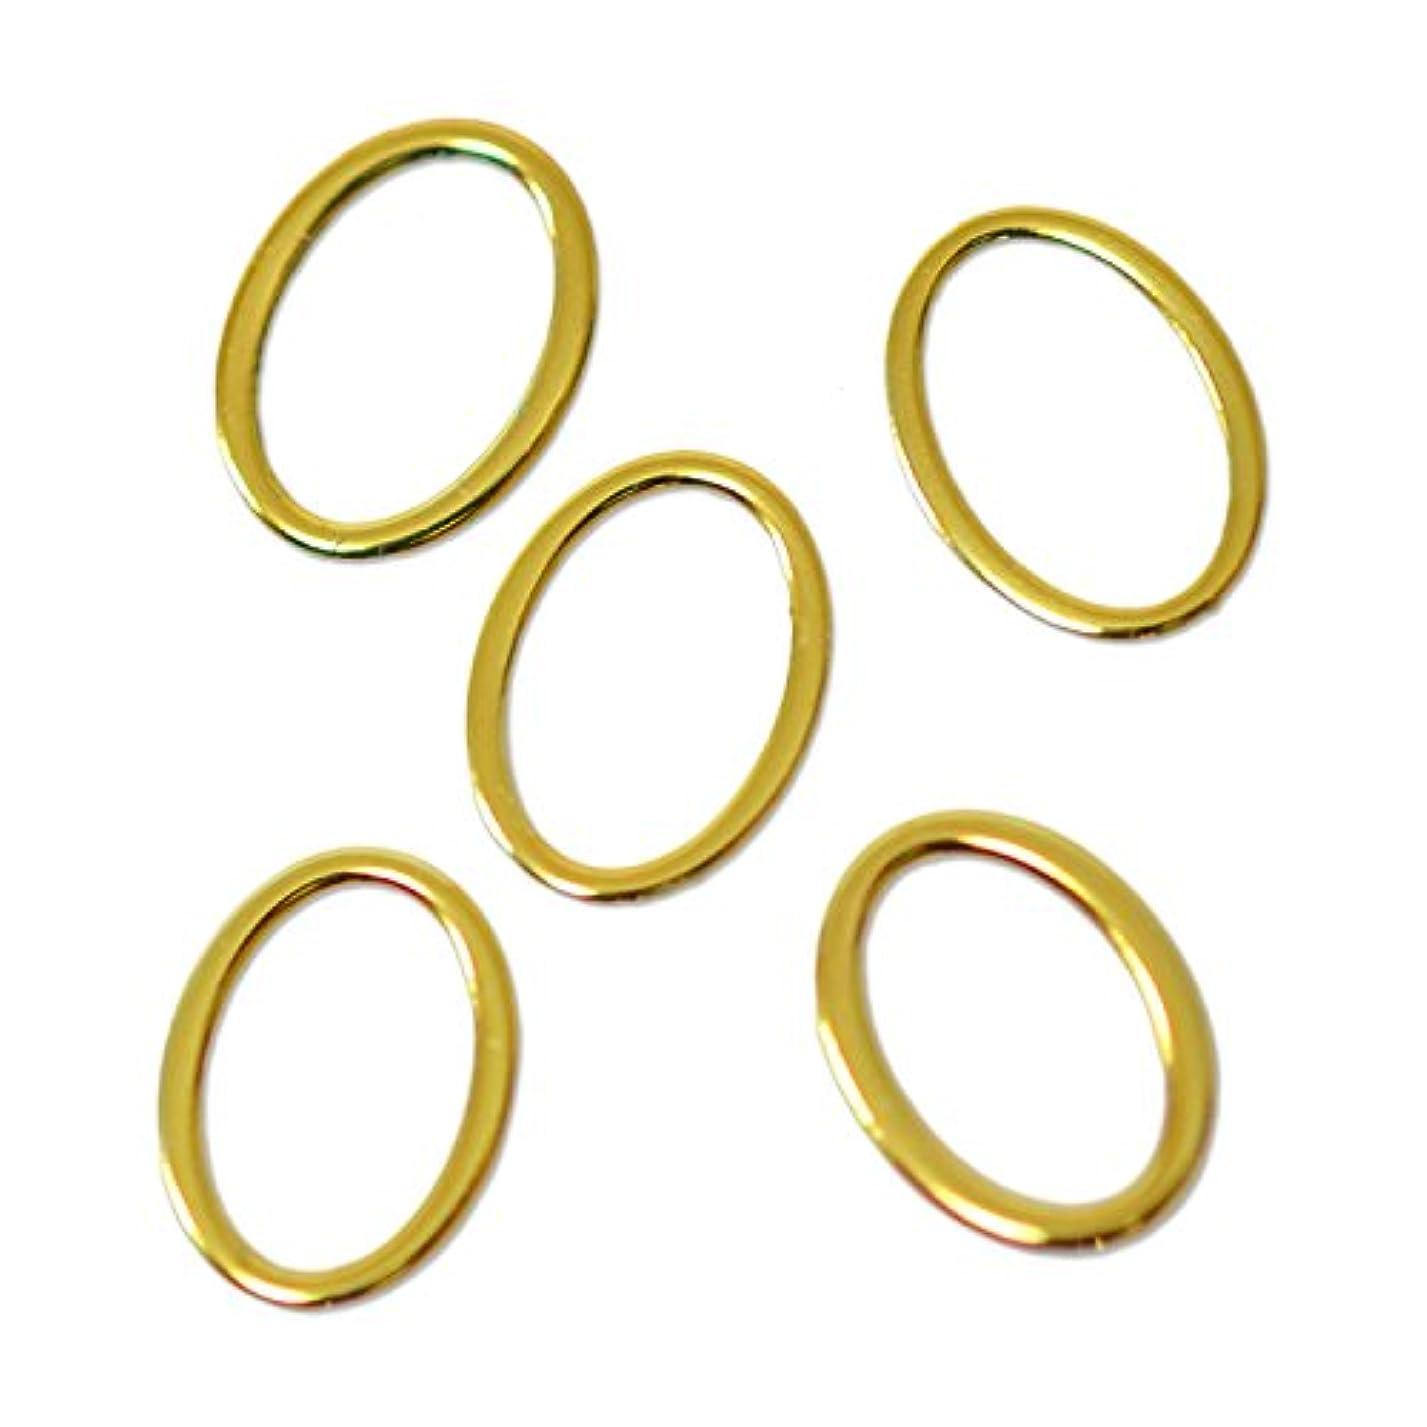 明らか素晴らしさ無条件薄型メタルパーツ10010 オーバル 楕円形  外寸約4×6mm/内寸約3×5mm ゴールド 20個入り 片面仕上げ